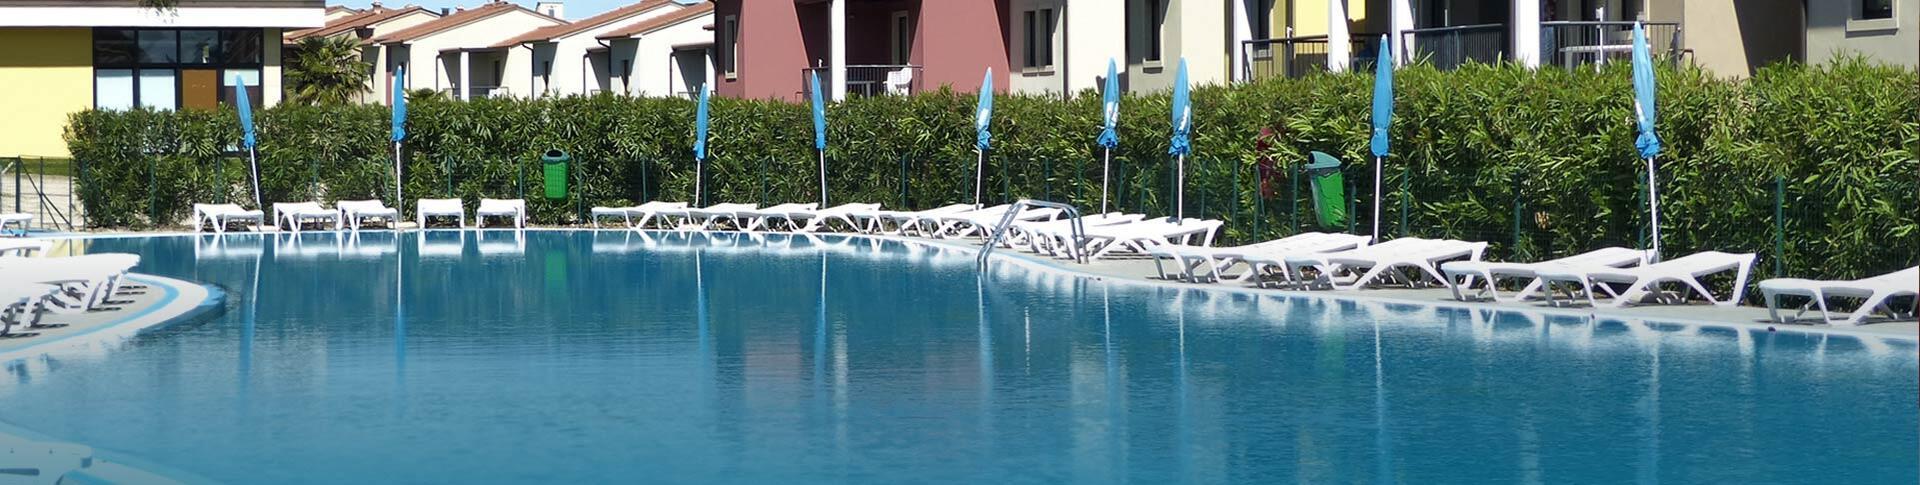 belvederevillage it contatti-belvedere-village 004